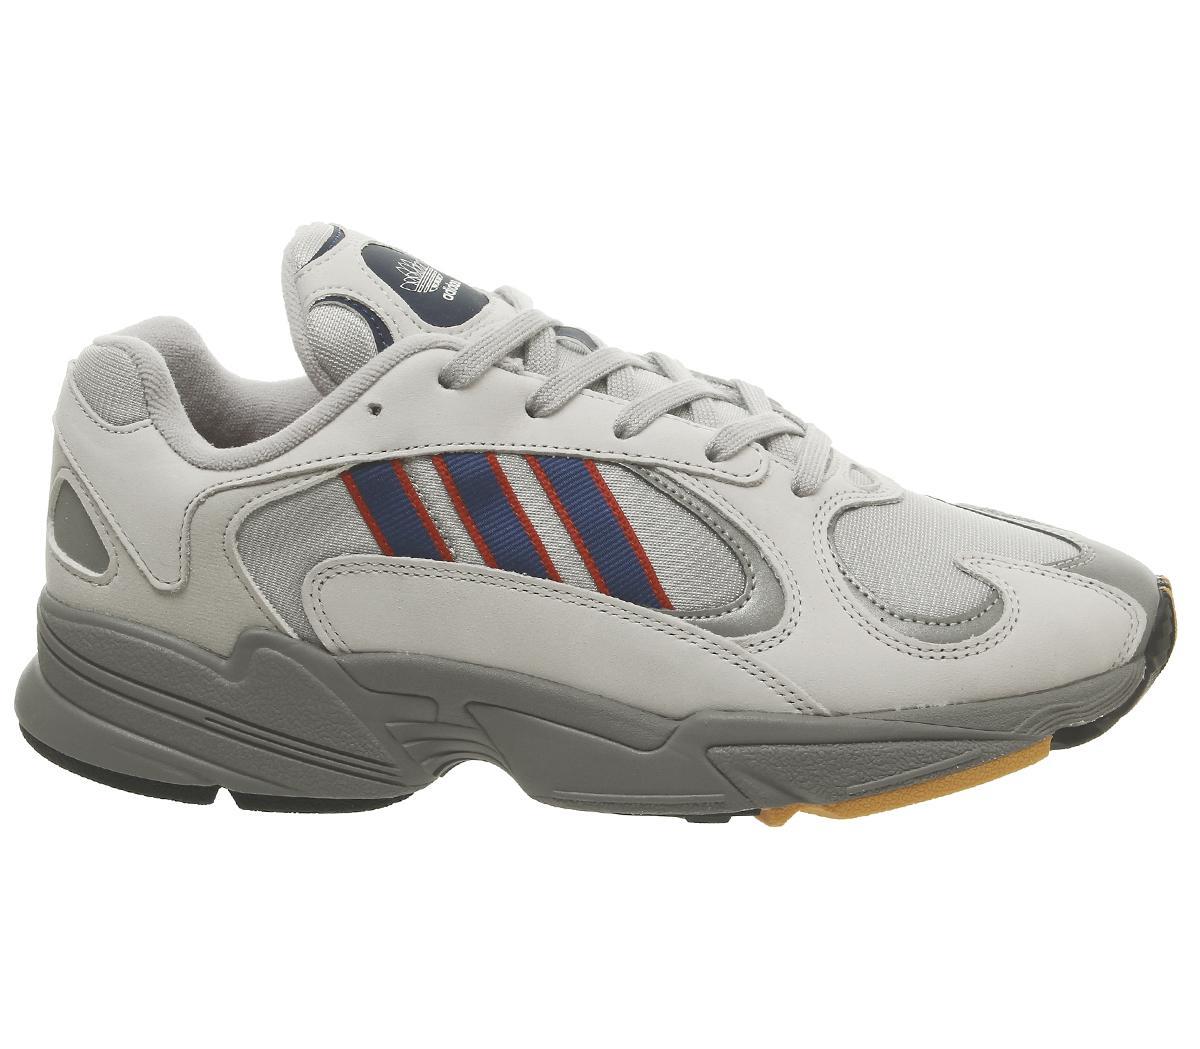 Sélection de baskets Adidas Yung-1 à partir de 45€ - Plusieurs coloris et tailles - Ex: Coloris Grey Two (Tailles 41.5, 44 et 45)